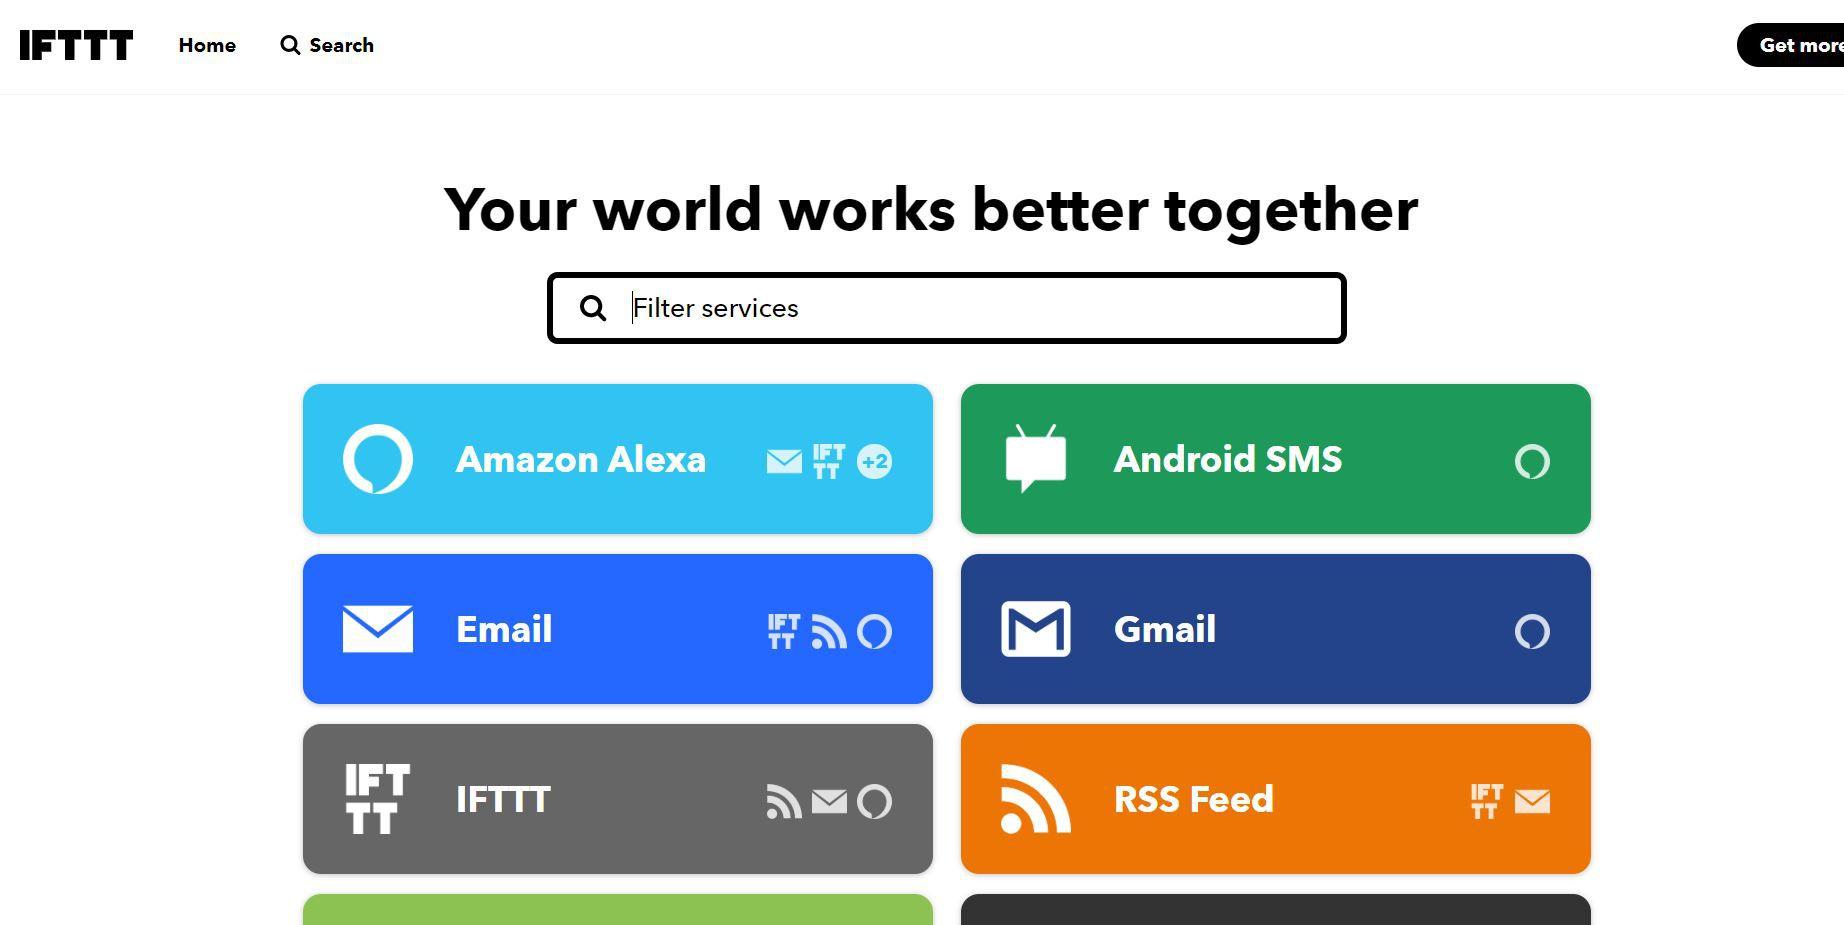 IFTTT website